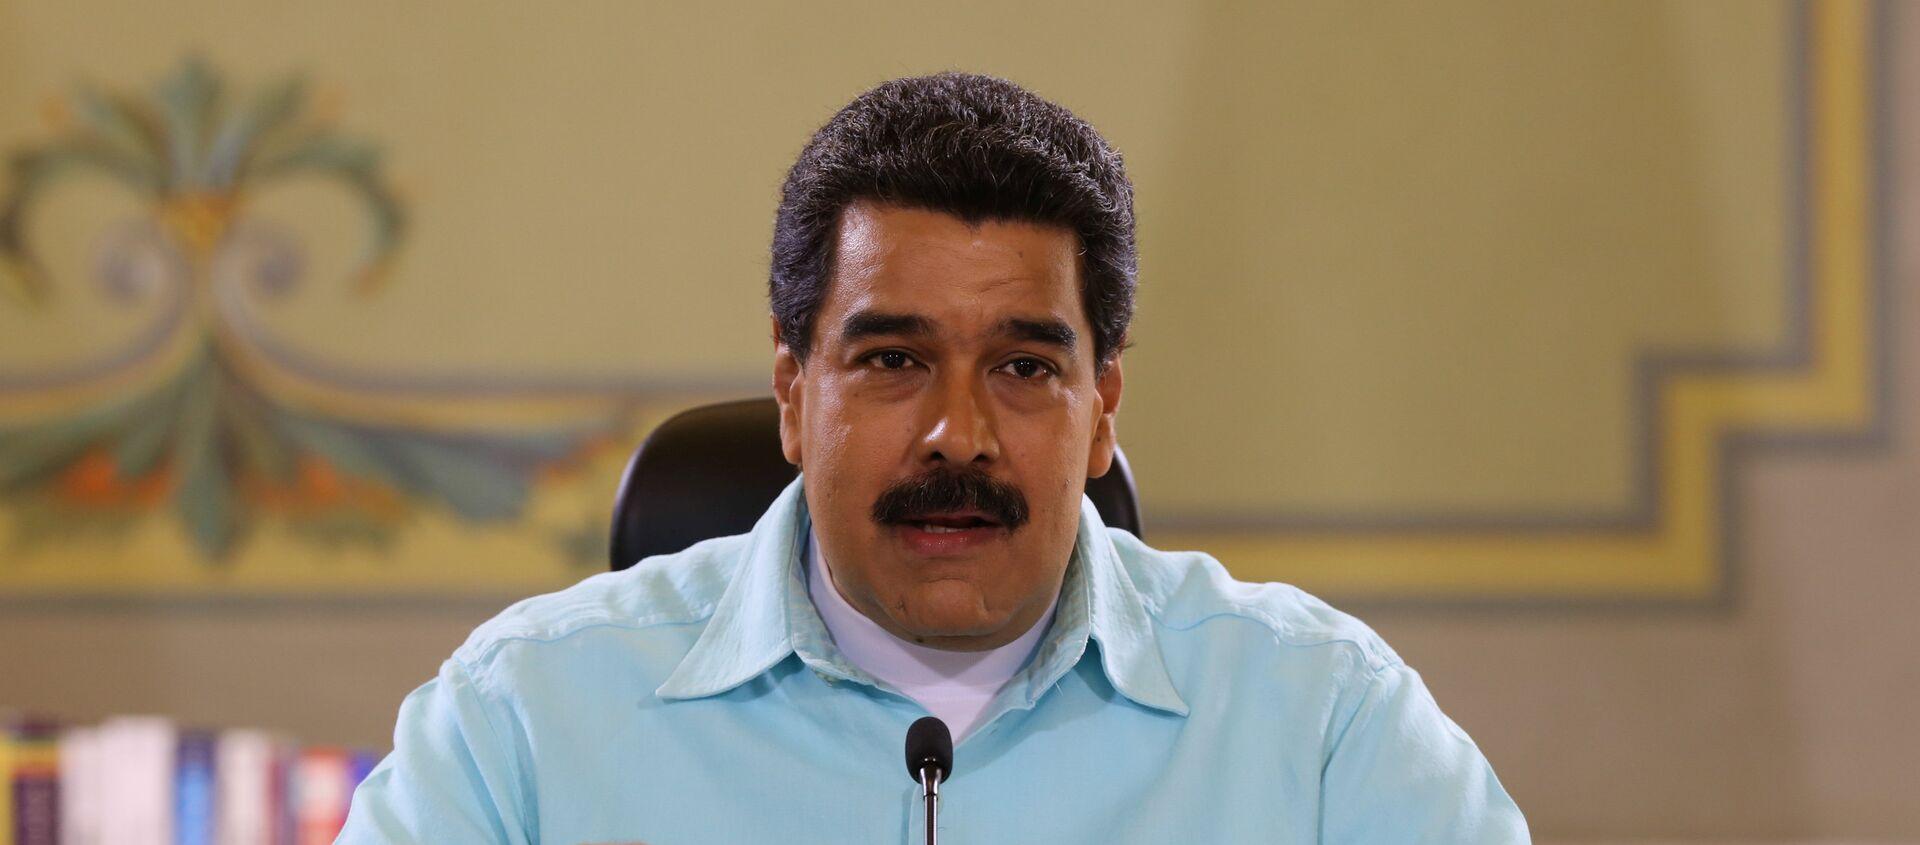 Nicolás Maduro, presidente de Venezuela - Sputnik Mundo, 1920, 21.01.2021